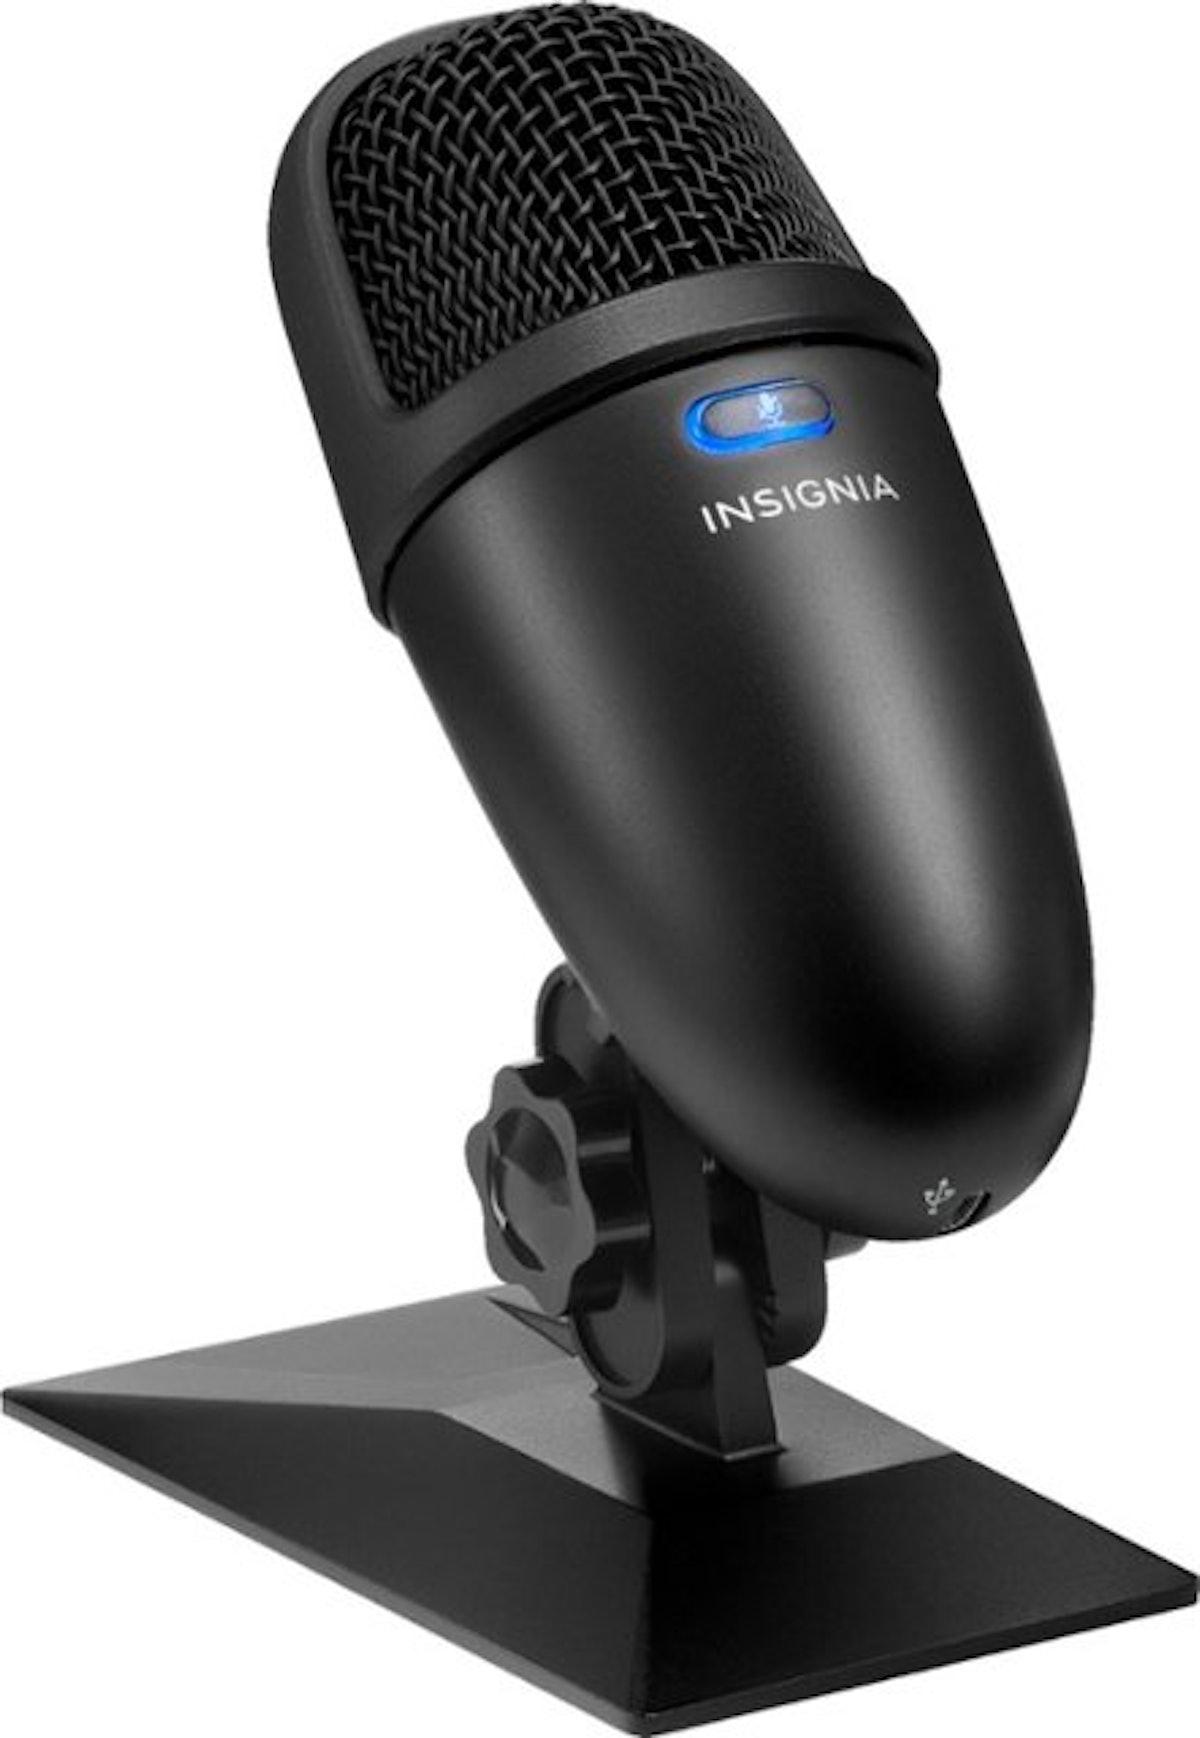 Insignia™ USB Microphone